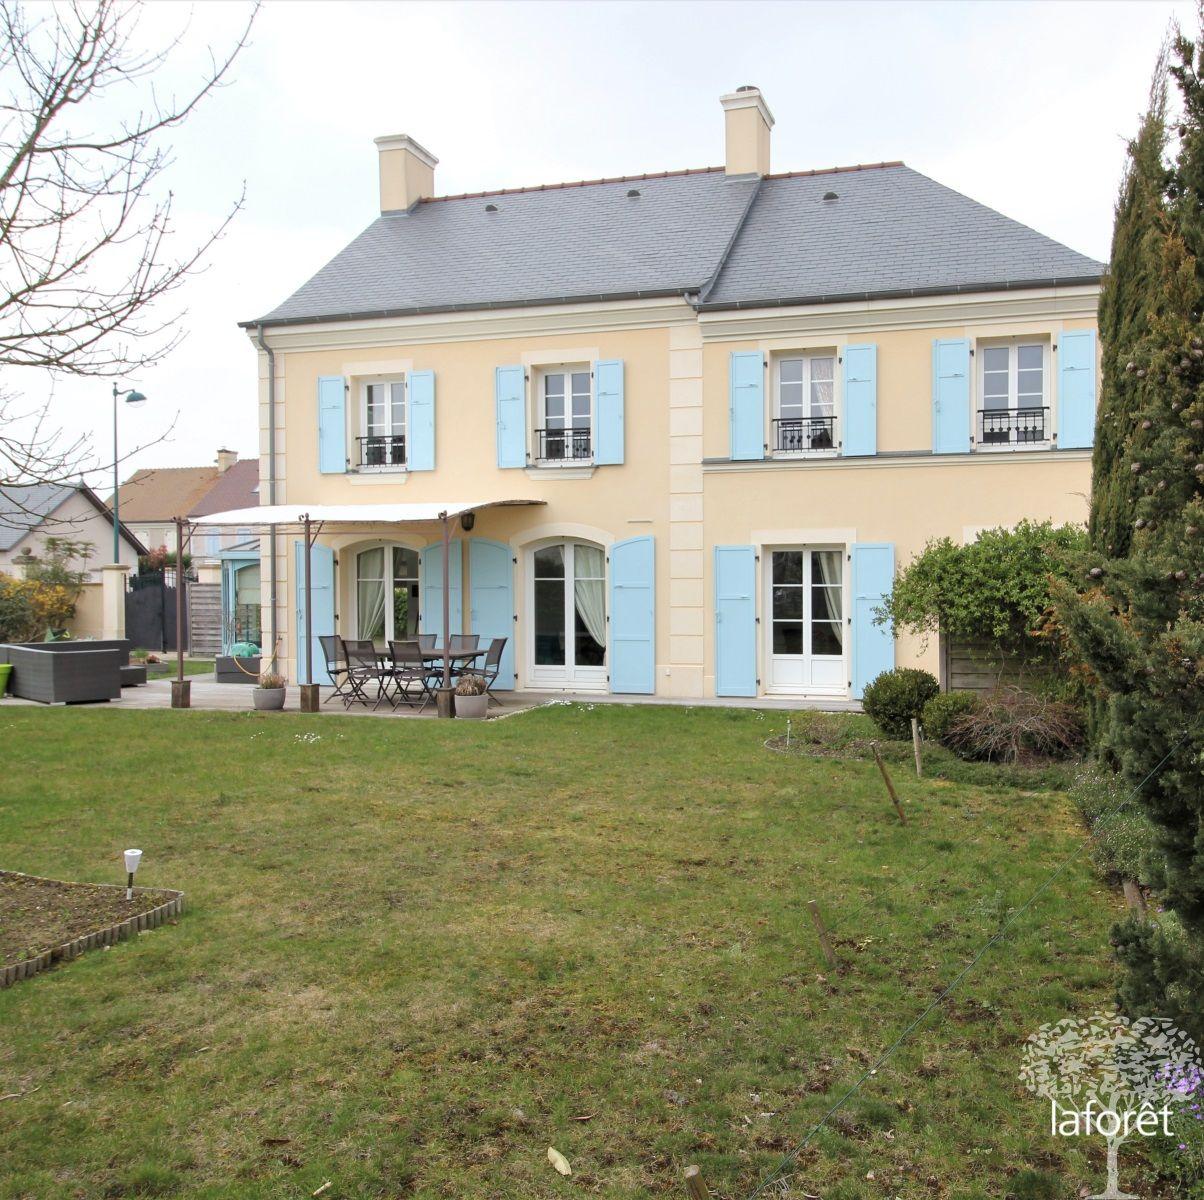 Maison à Bailly Romainvilliers Maison Acheter Maison Immobilier